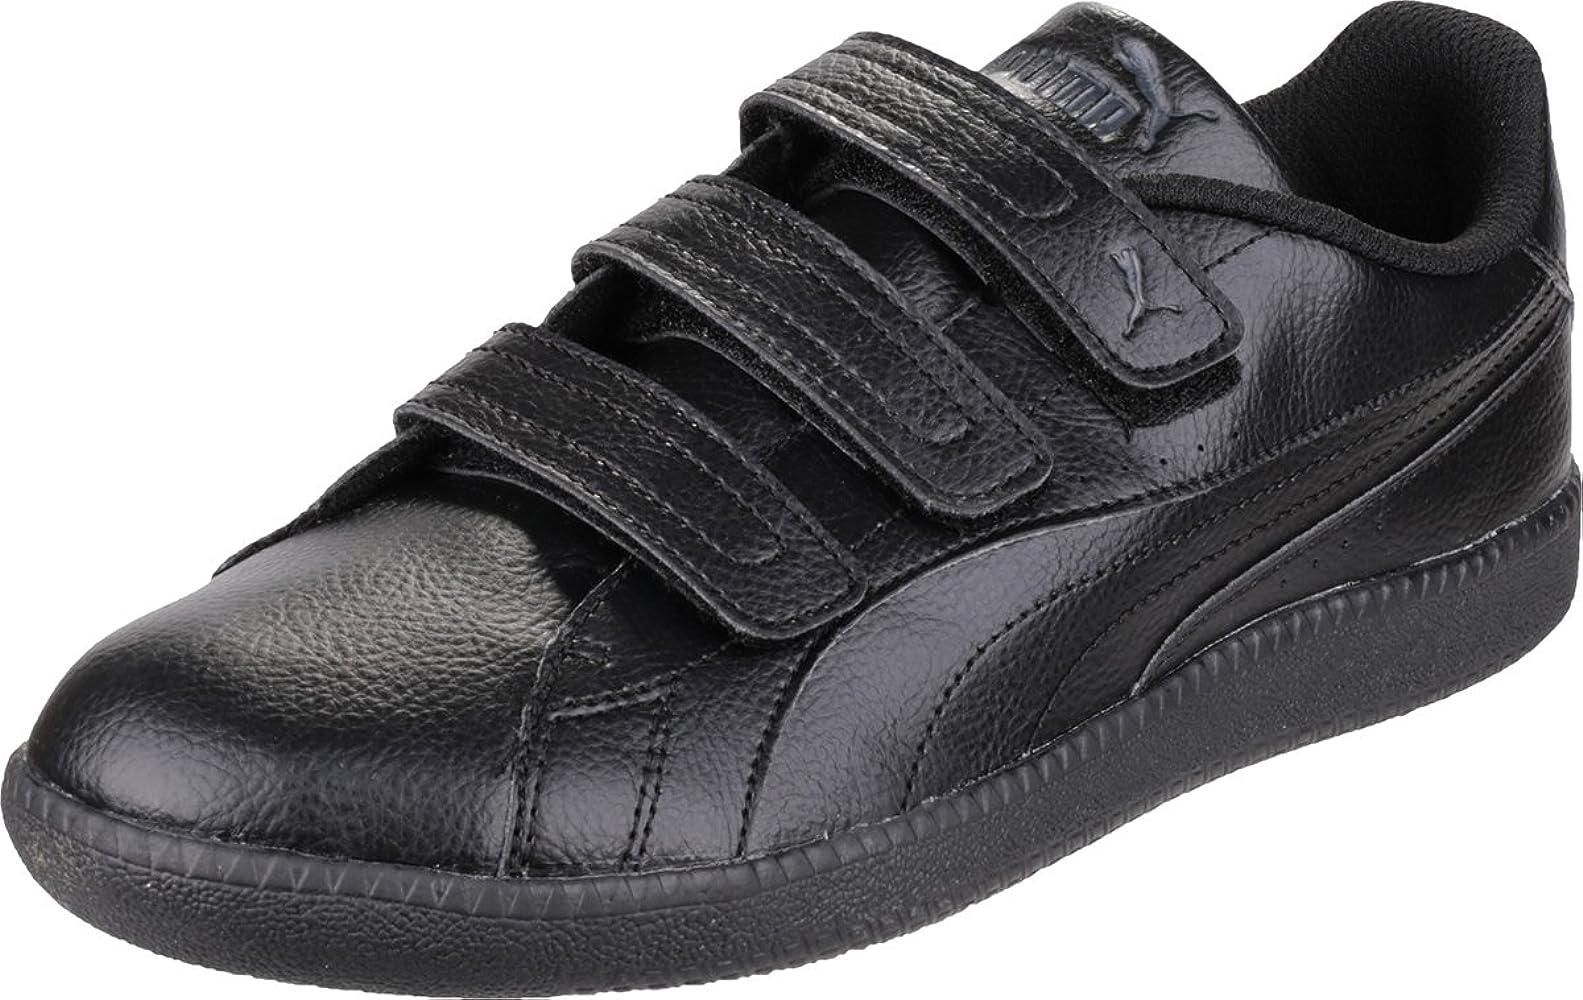 PUMA Mens BTS Velcro Boys Shoe